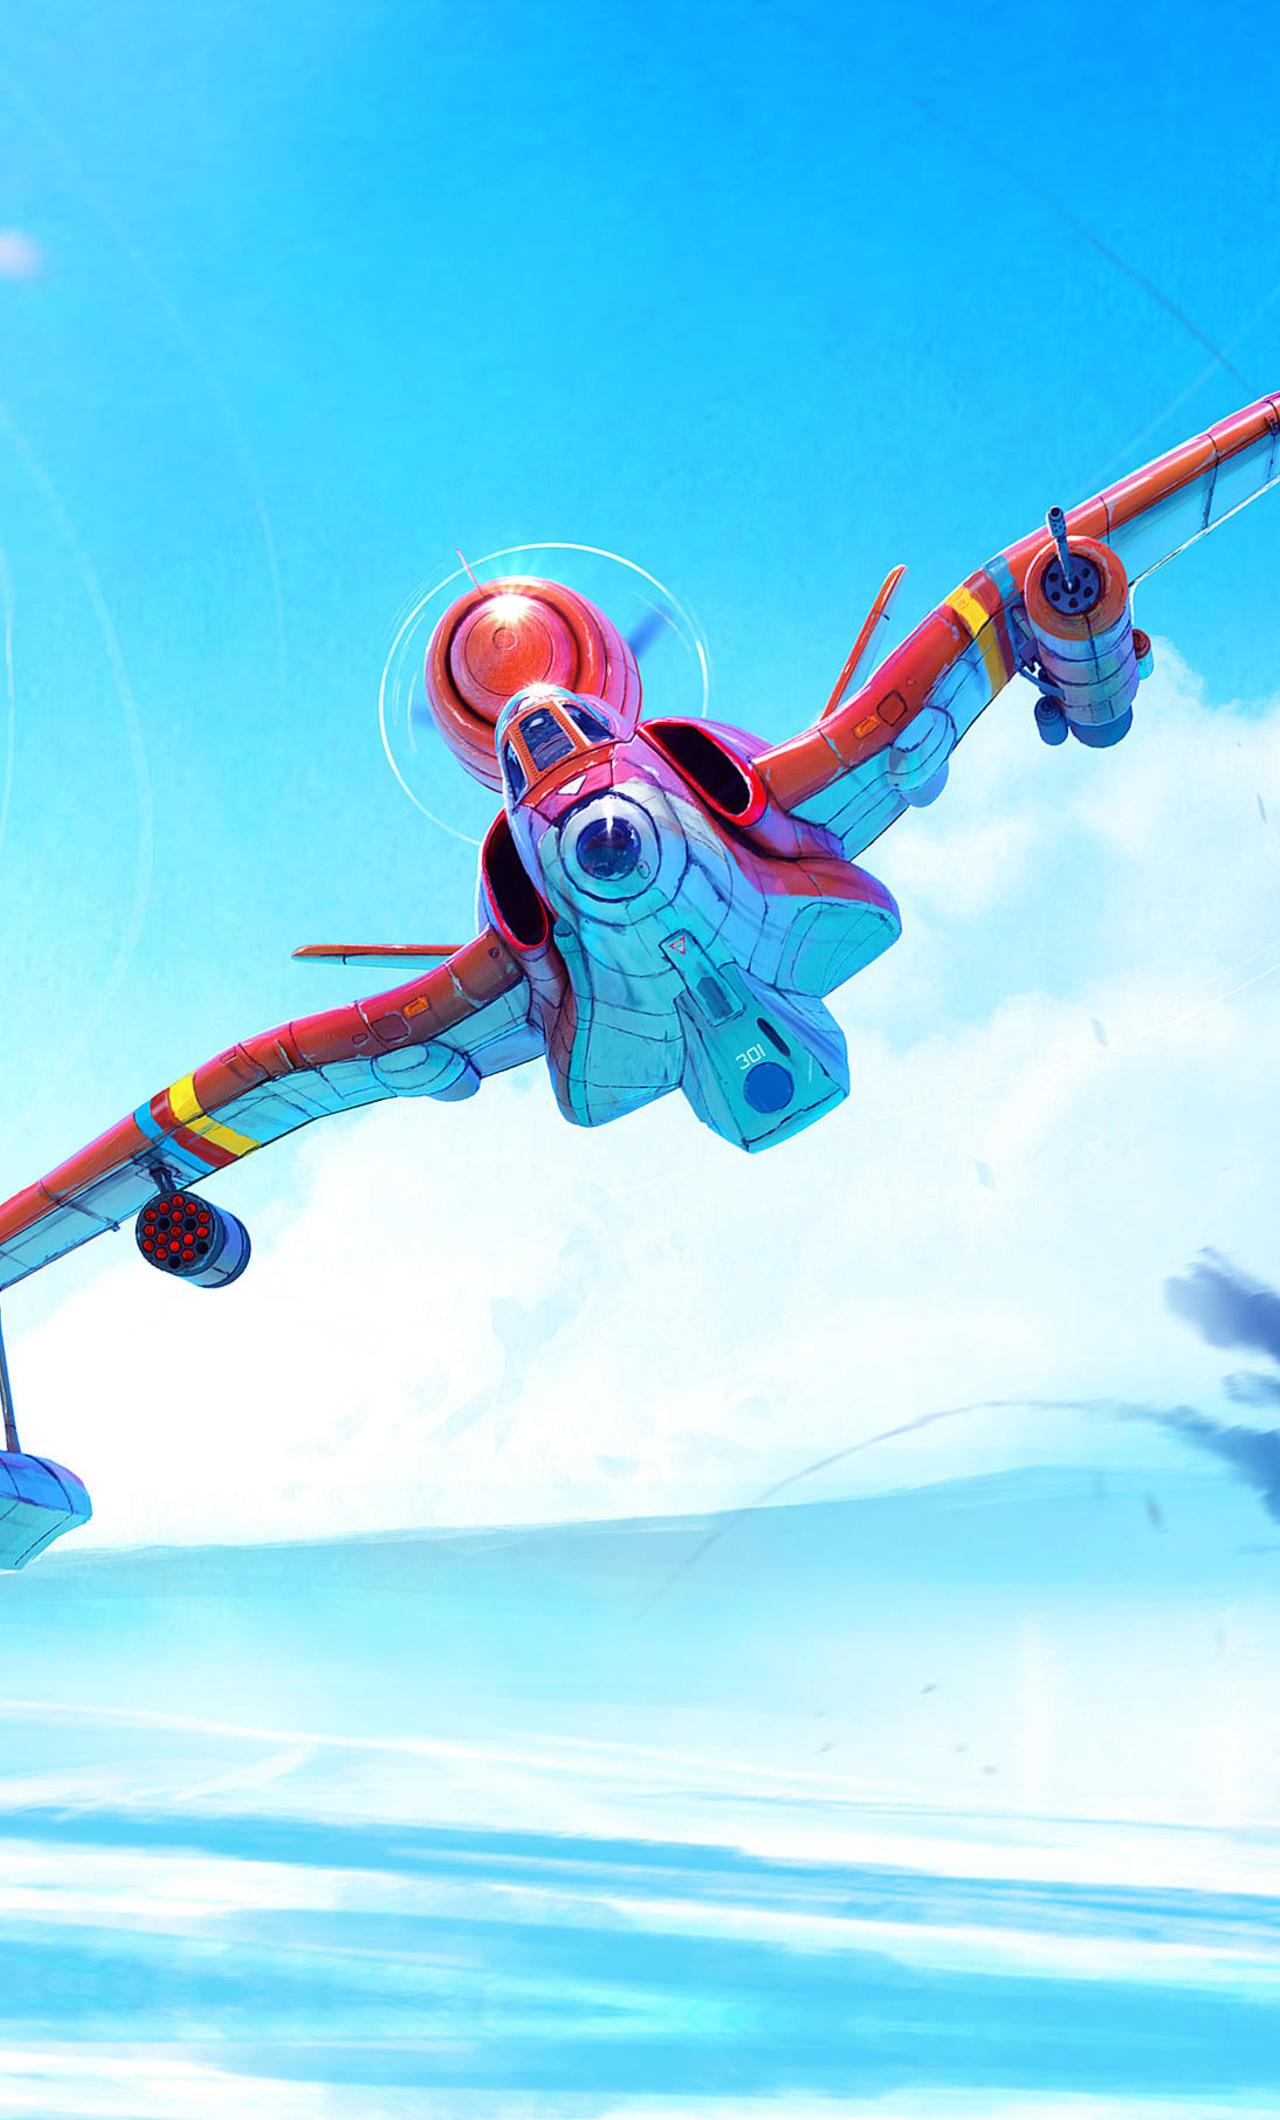 plane-battle-in-heaven-fq.jpg